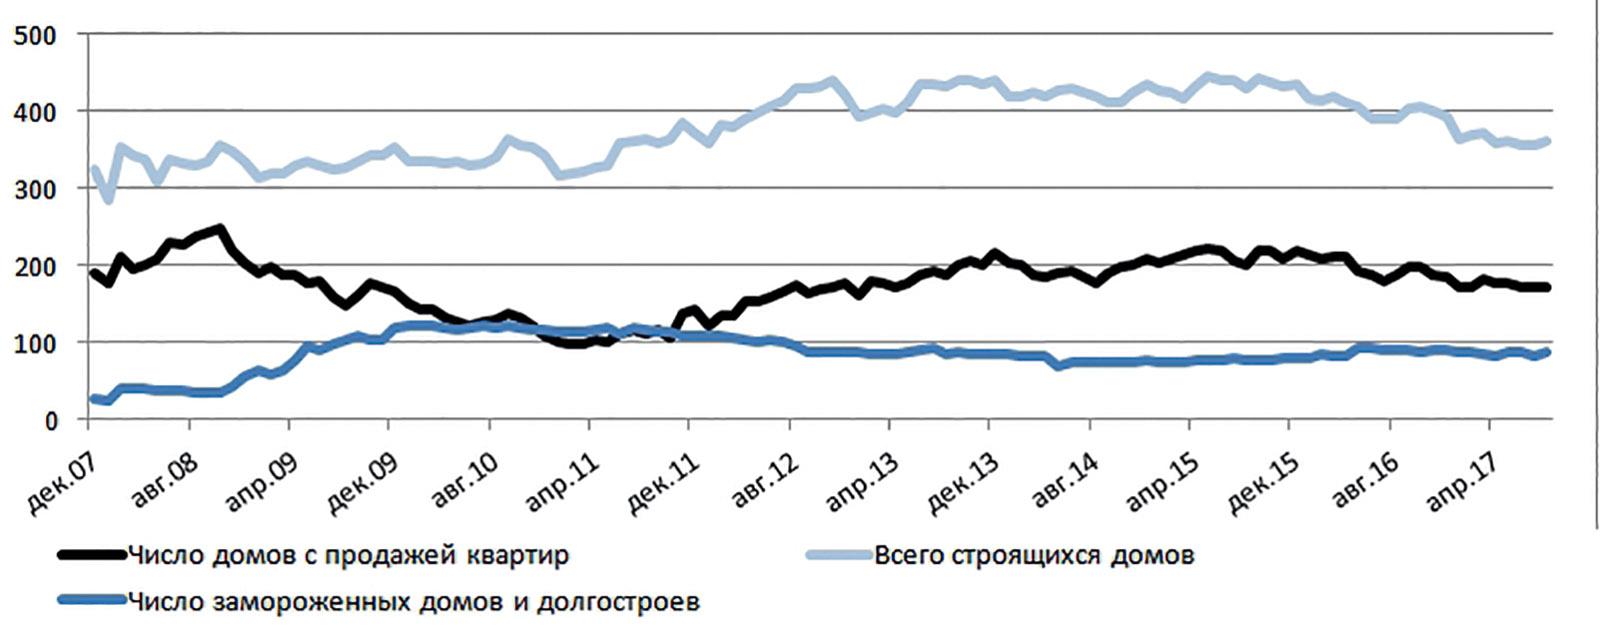 Динамика общего числа новостроек, домов с продажей квартир и долгостроев